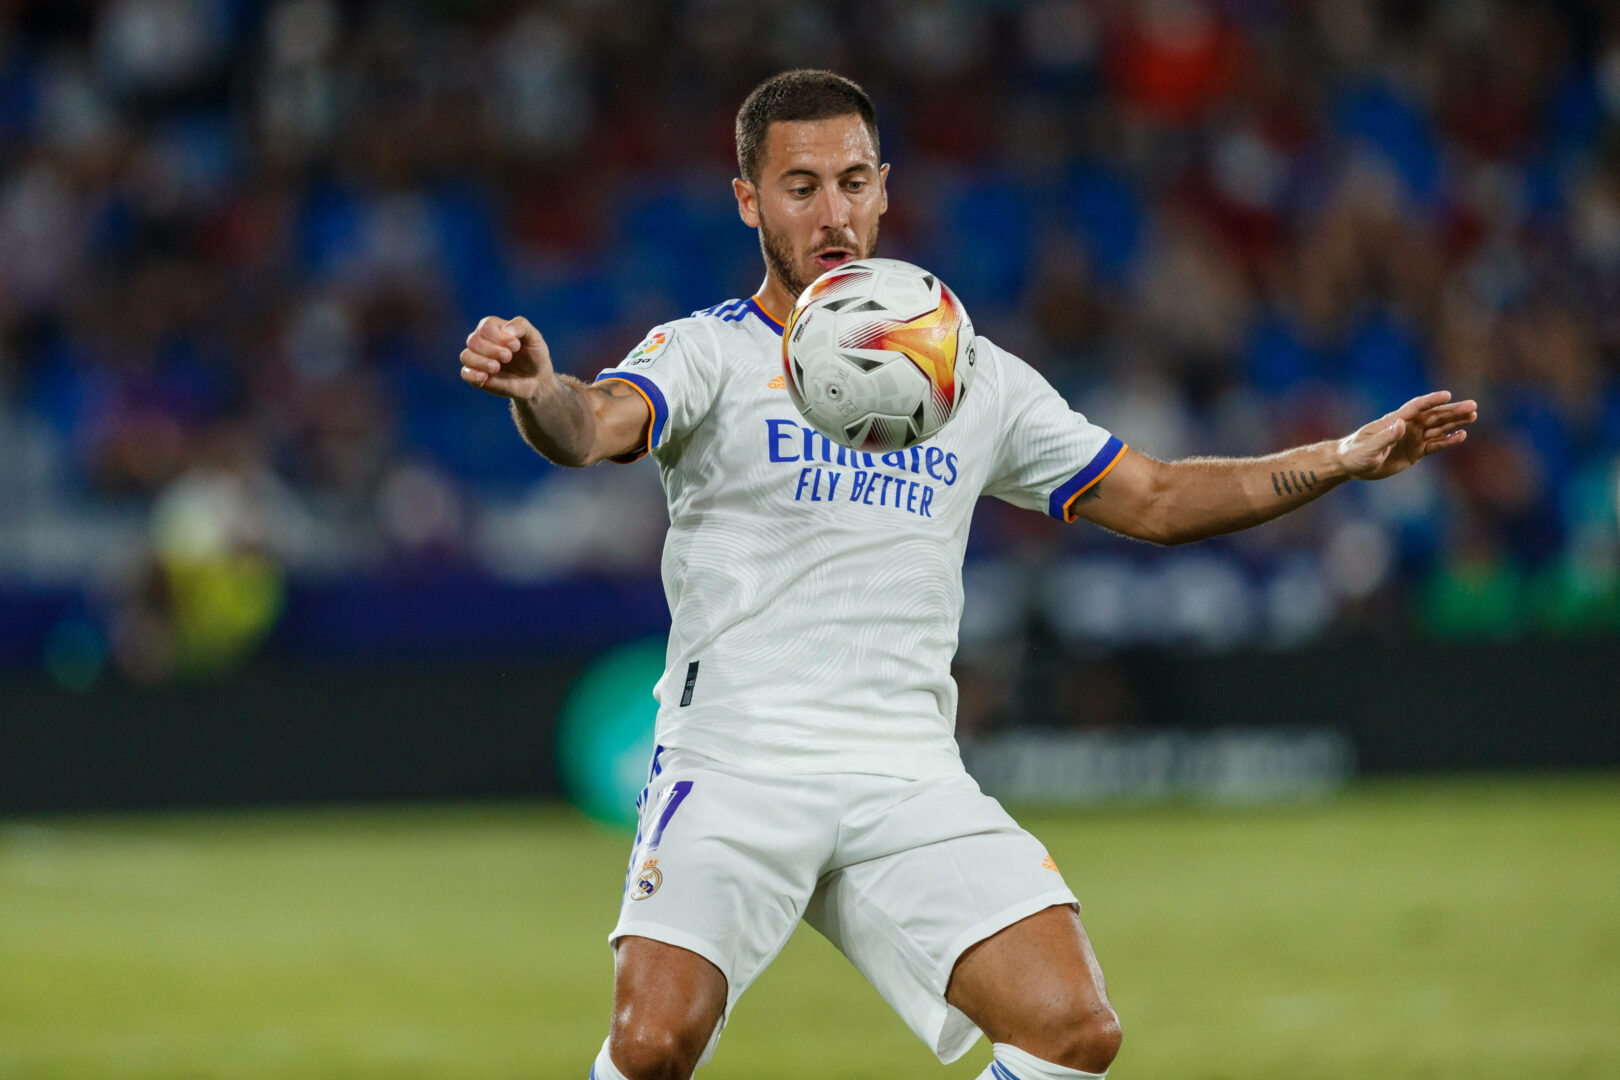 Hazard (Real Madrid) stoppt den Ball